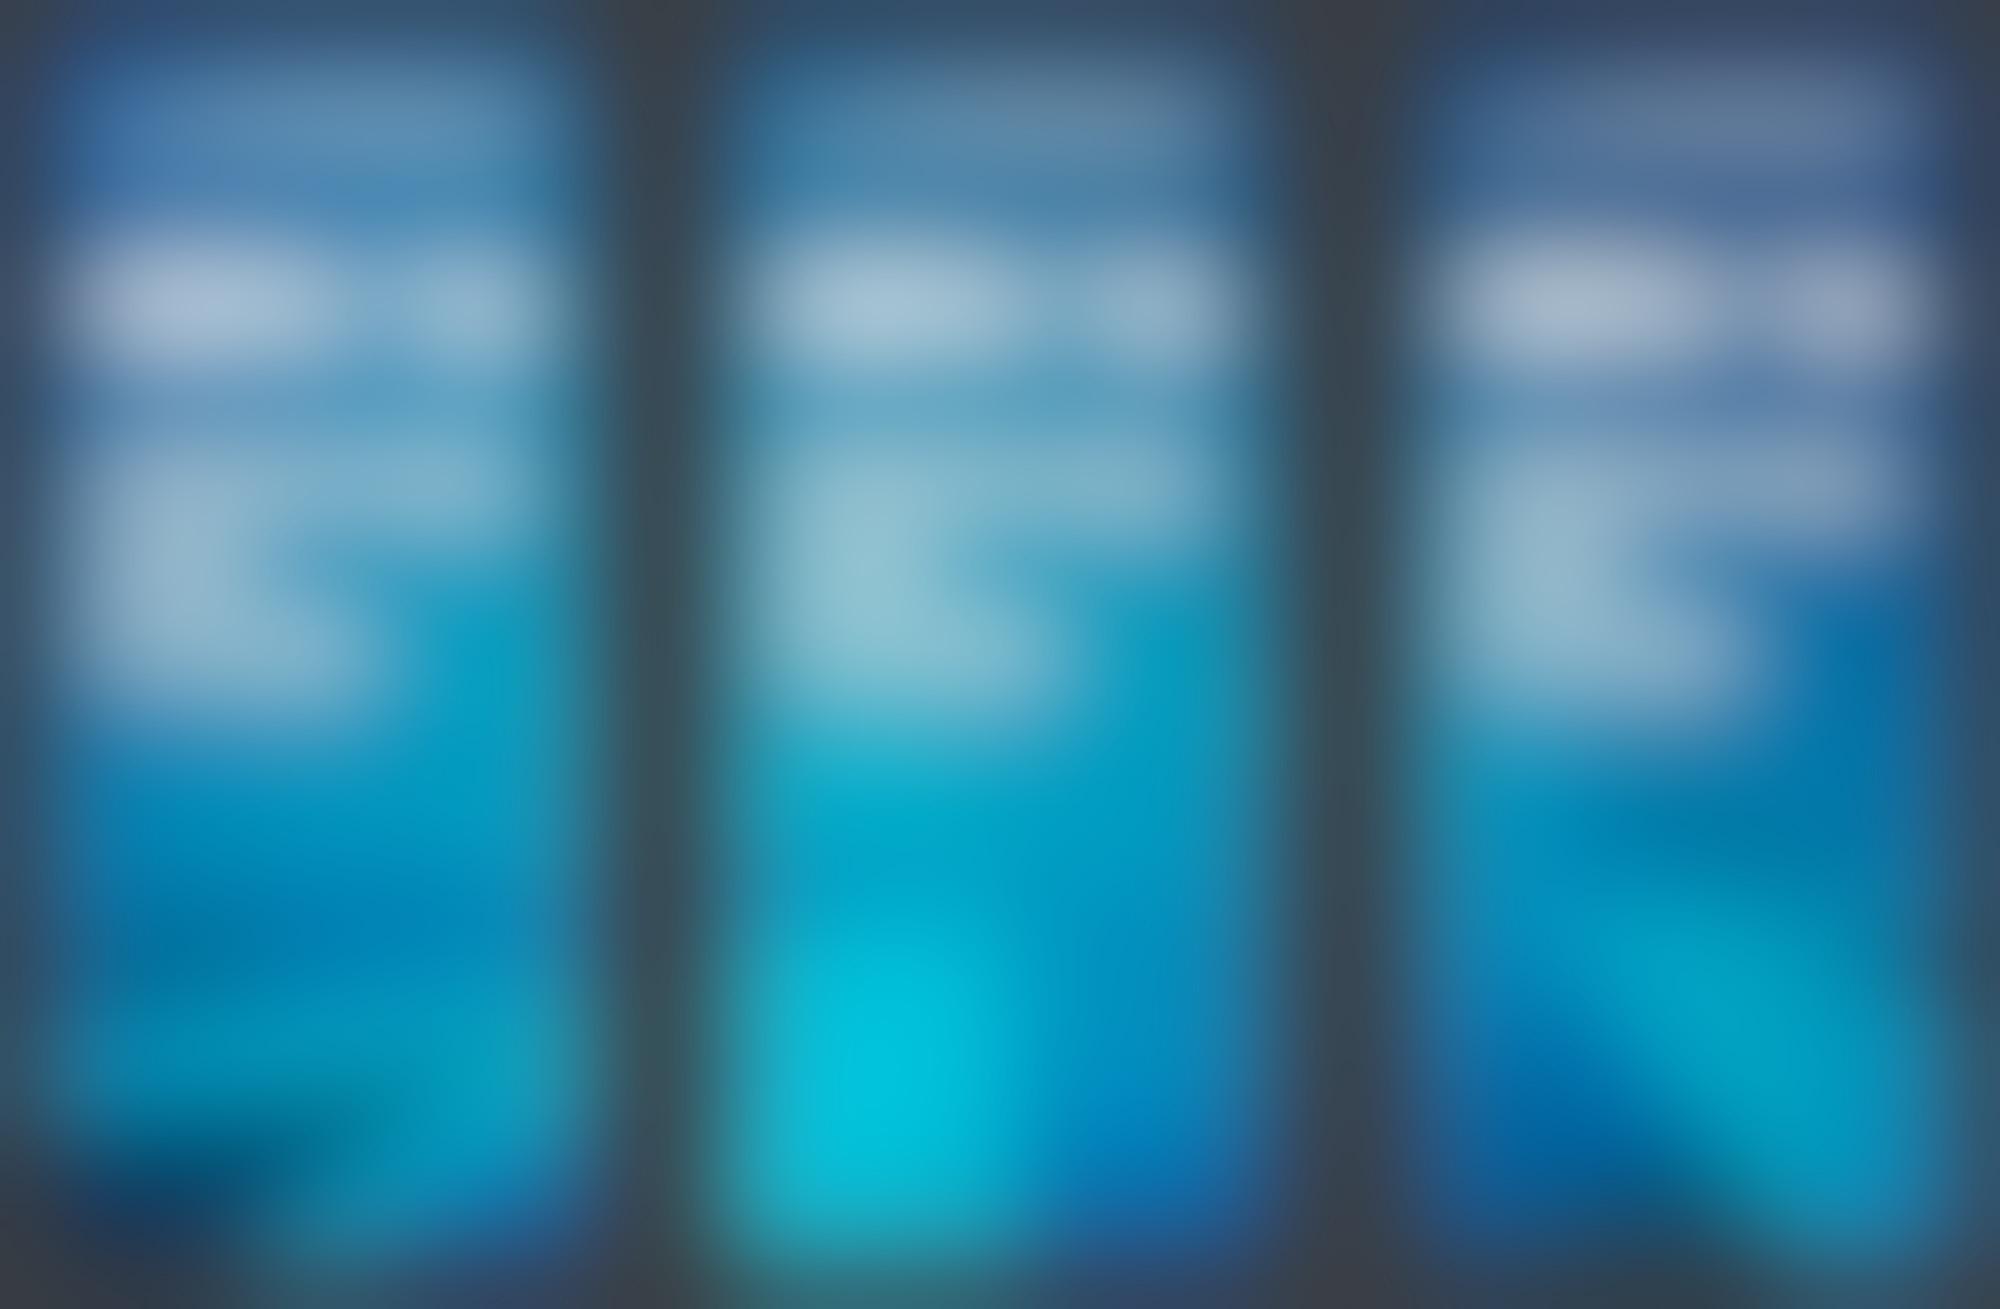 16 RIPA banners autocompressfitresizeixlibphp 1 1 0max h2000max w3 D2000q80s3a2a6bb0c7f8d7260c571adf5d7832e5